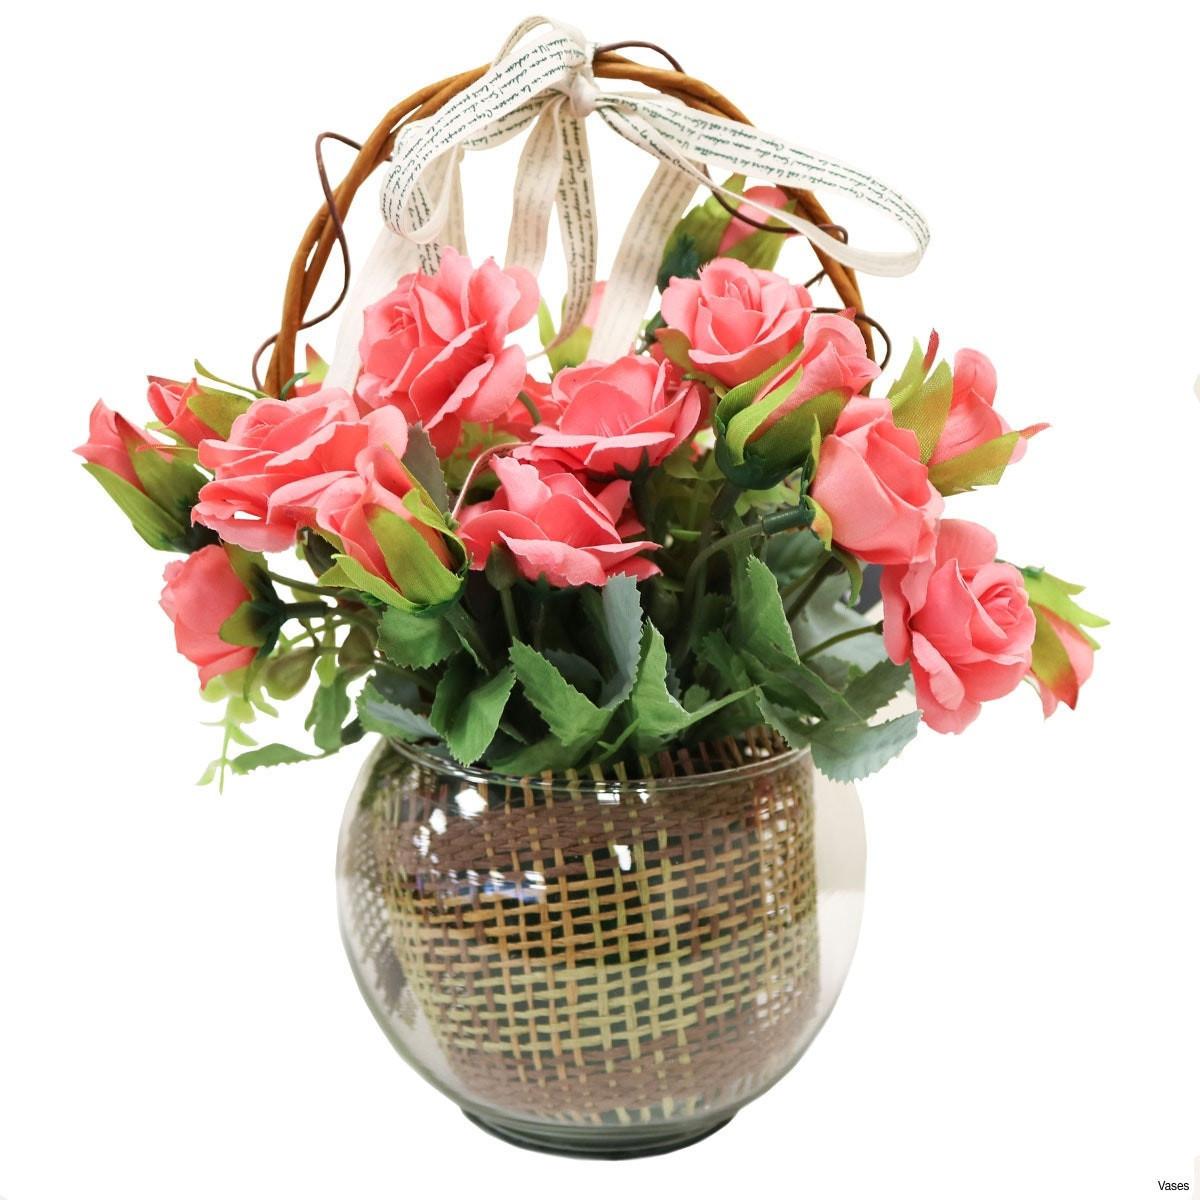 lily vase of 30 elegant flower basket decoration flower decoration ideas pertaining to bf142 11km 1200x1200h vases pink flower vase i 0d gold inspiration